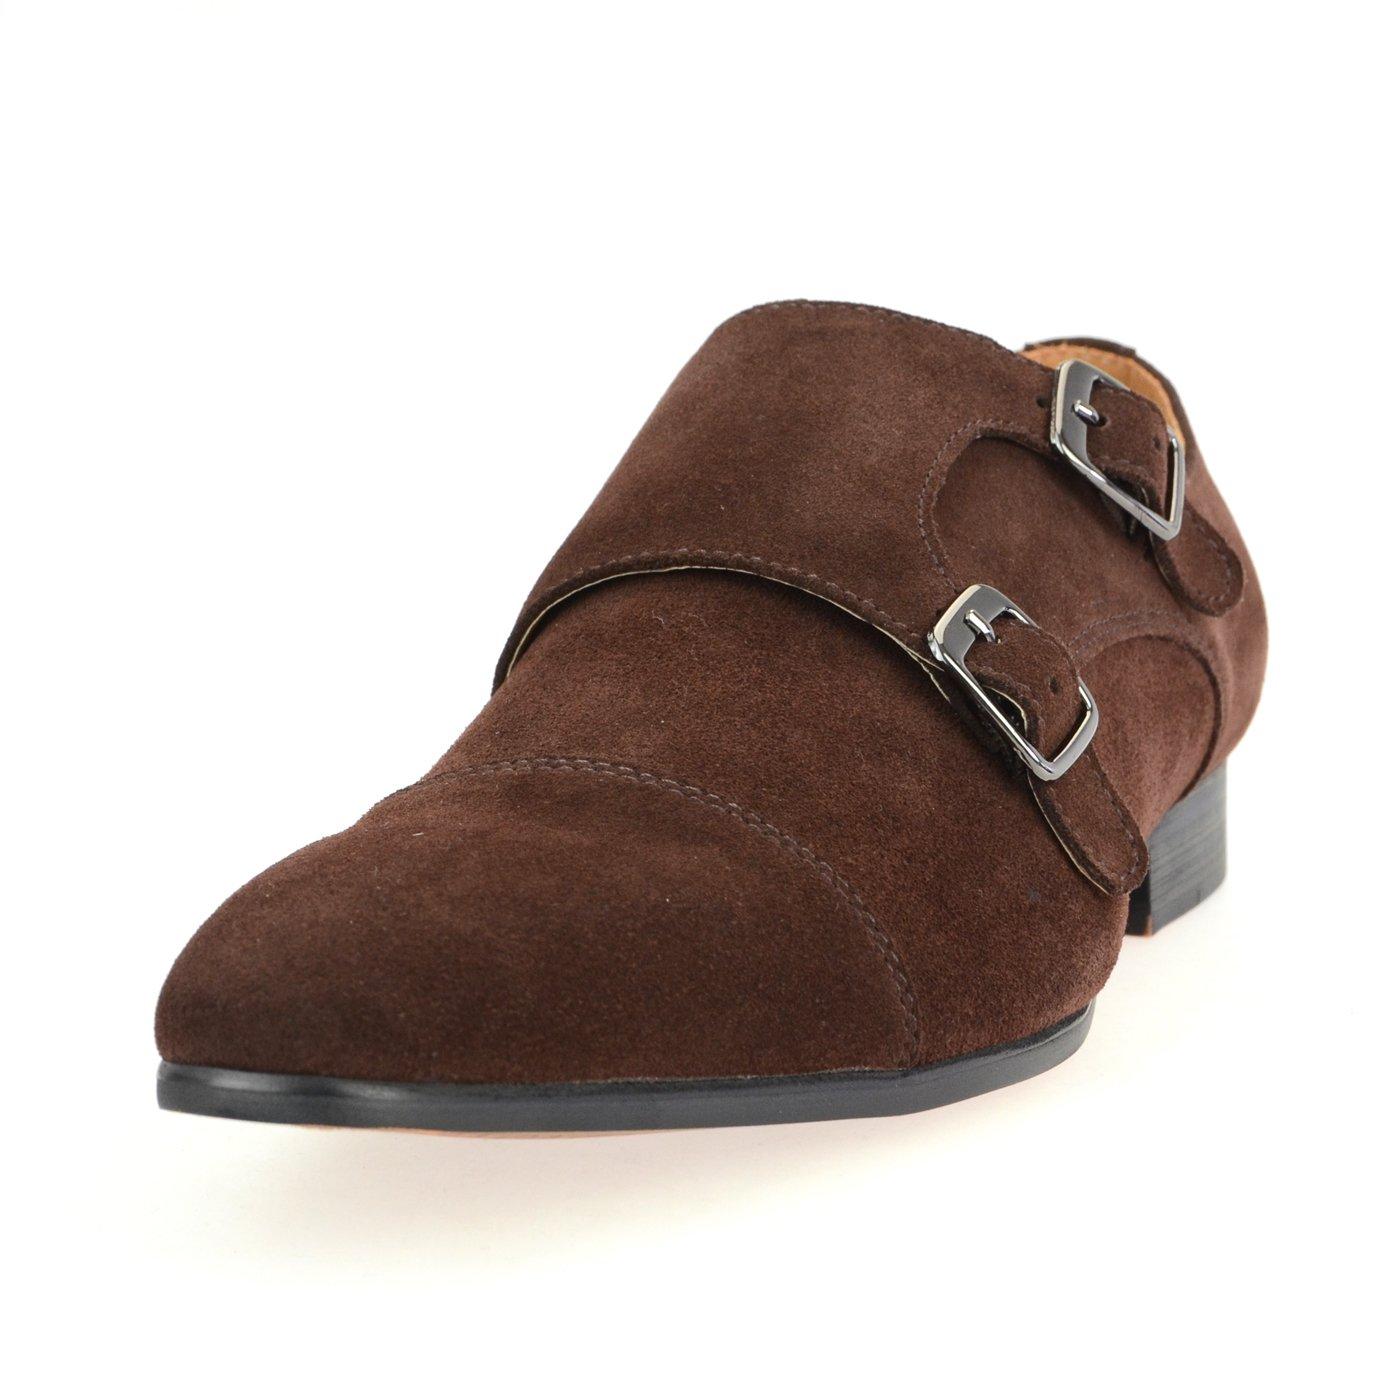 一番人気物 [ルシウス] 本革 B076DMWCSF 20種類から選ぶ レザー 27.0 メンズ ダブル モンクストラップ メダリオン ストレートチップ ブラウン 革靴 紳士靴 B076DMWCSF HA17480-4 ブラウン 27.0 cm 3E 27.0 cm 3E HA17480-4 ブラウン, ユリグン:a090778d --- edkempharma.com